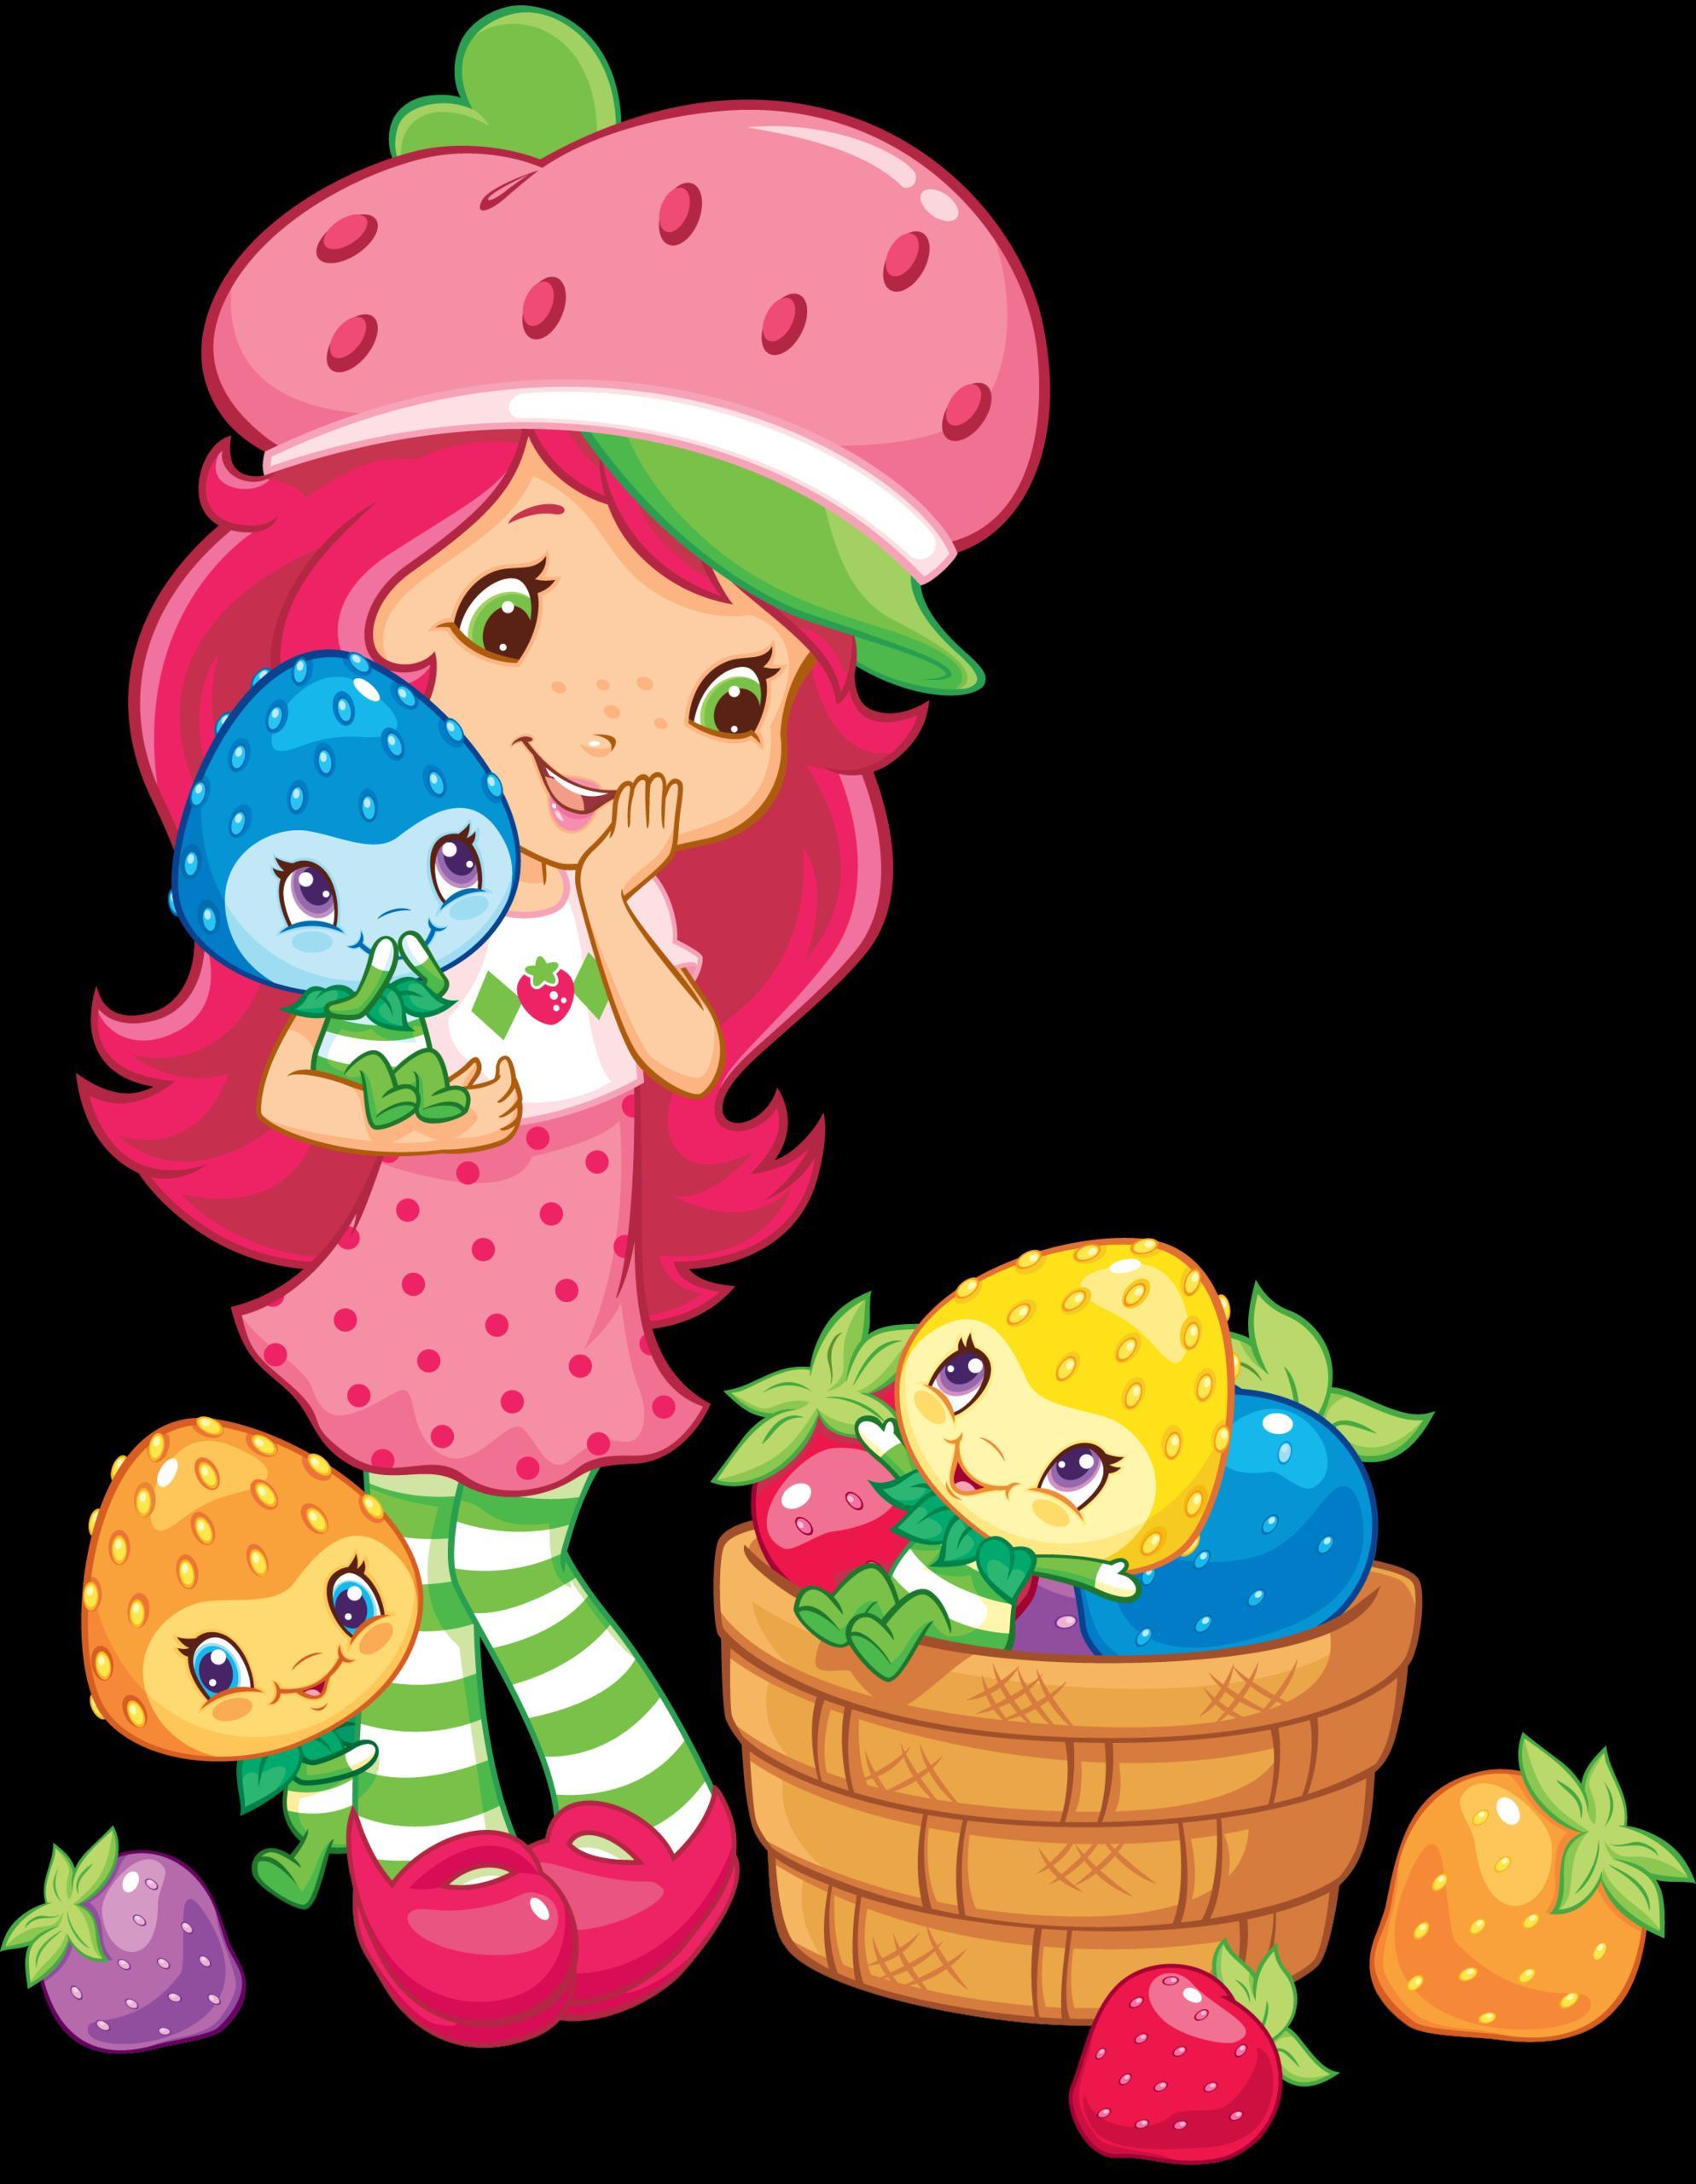 Gambar Barbie Untuk Wallpaper Hp Gudang Wallpaper